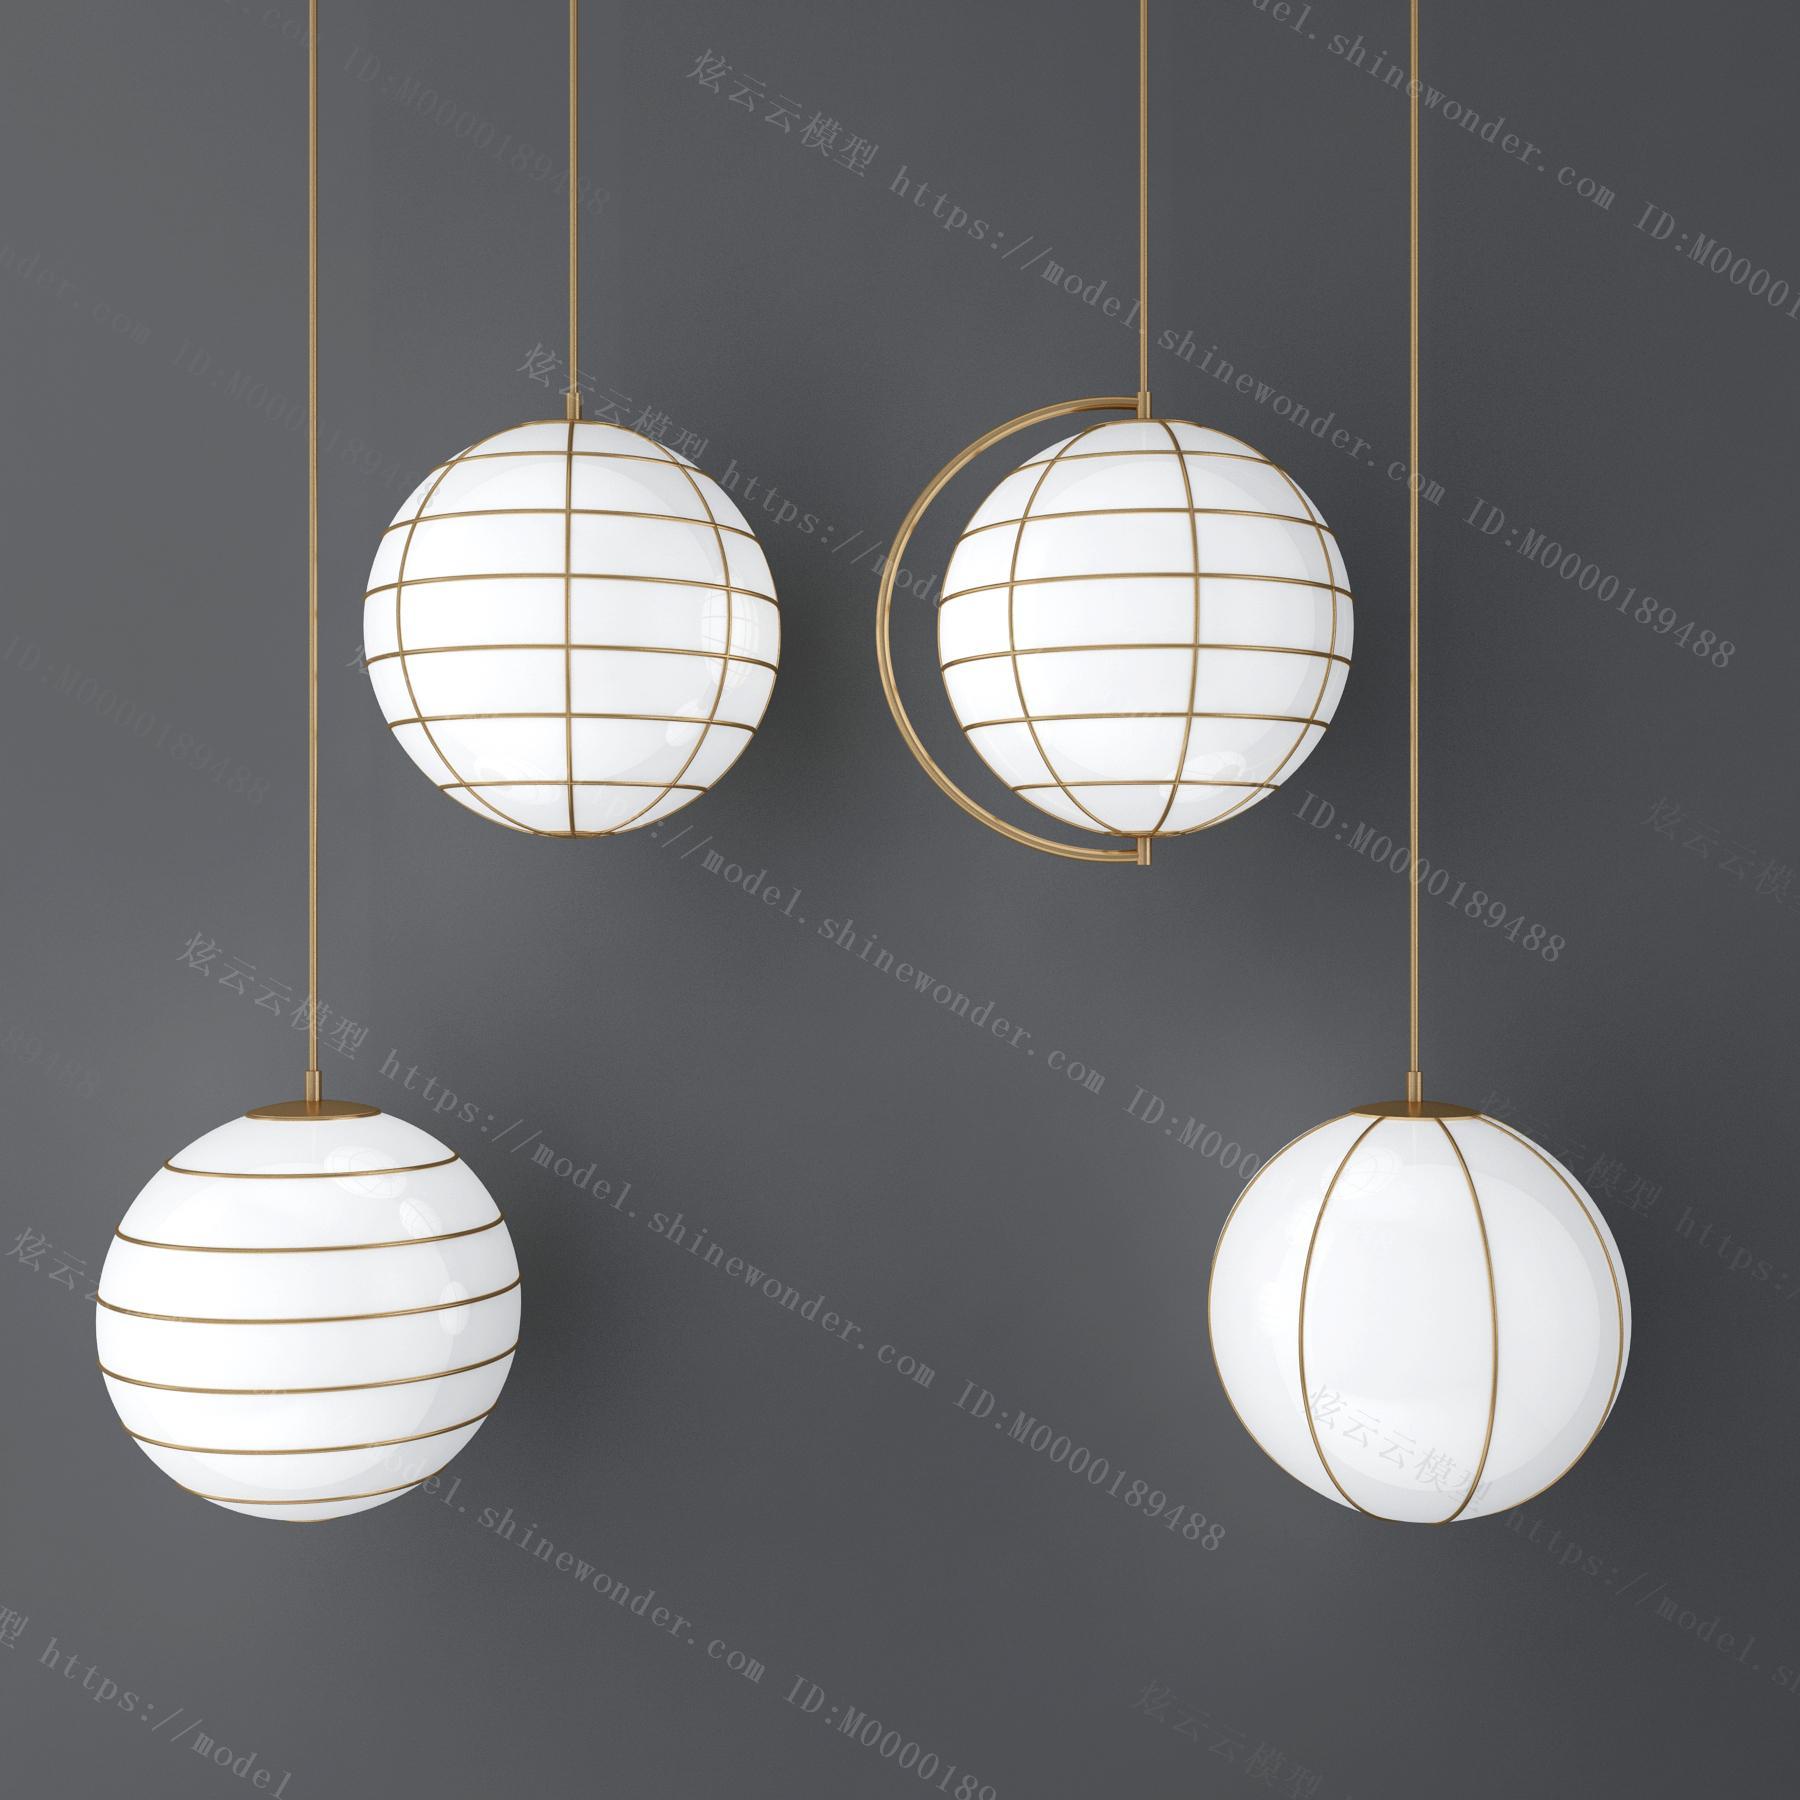 现代金属壁灯吊灯组合模型